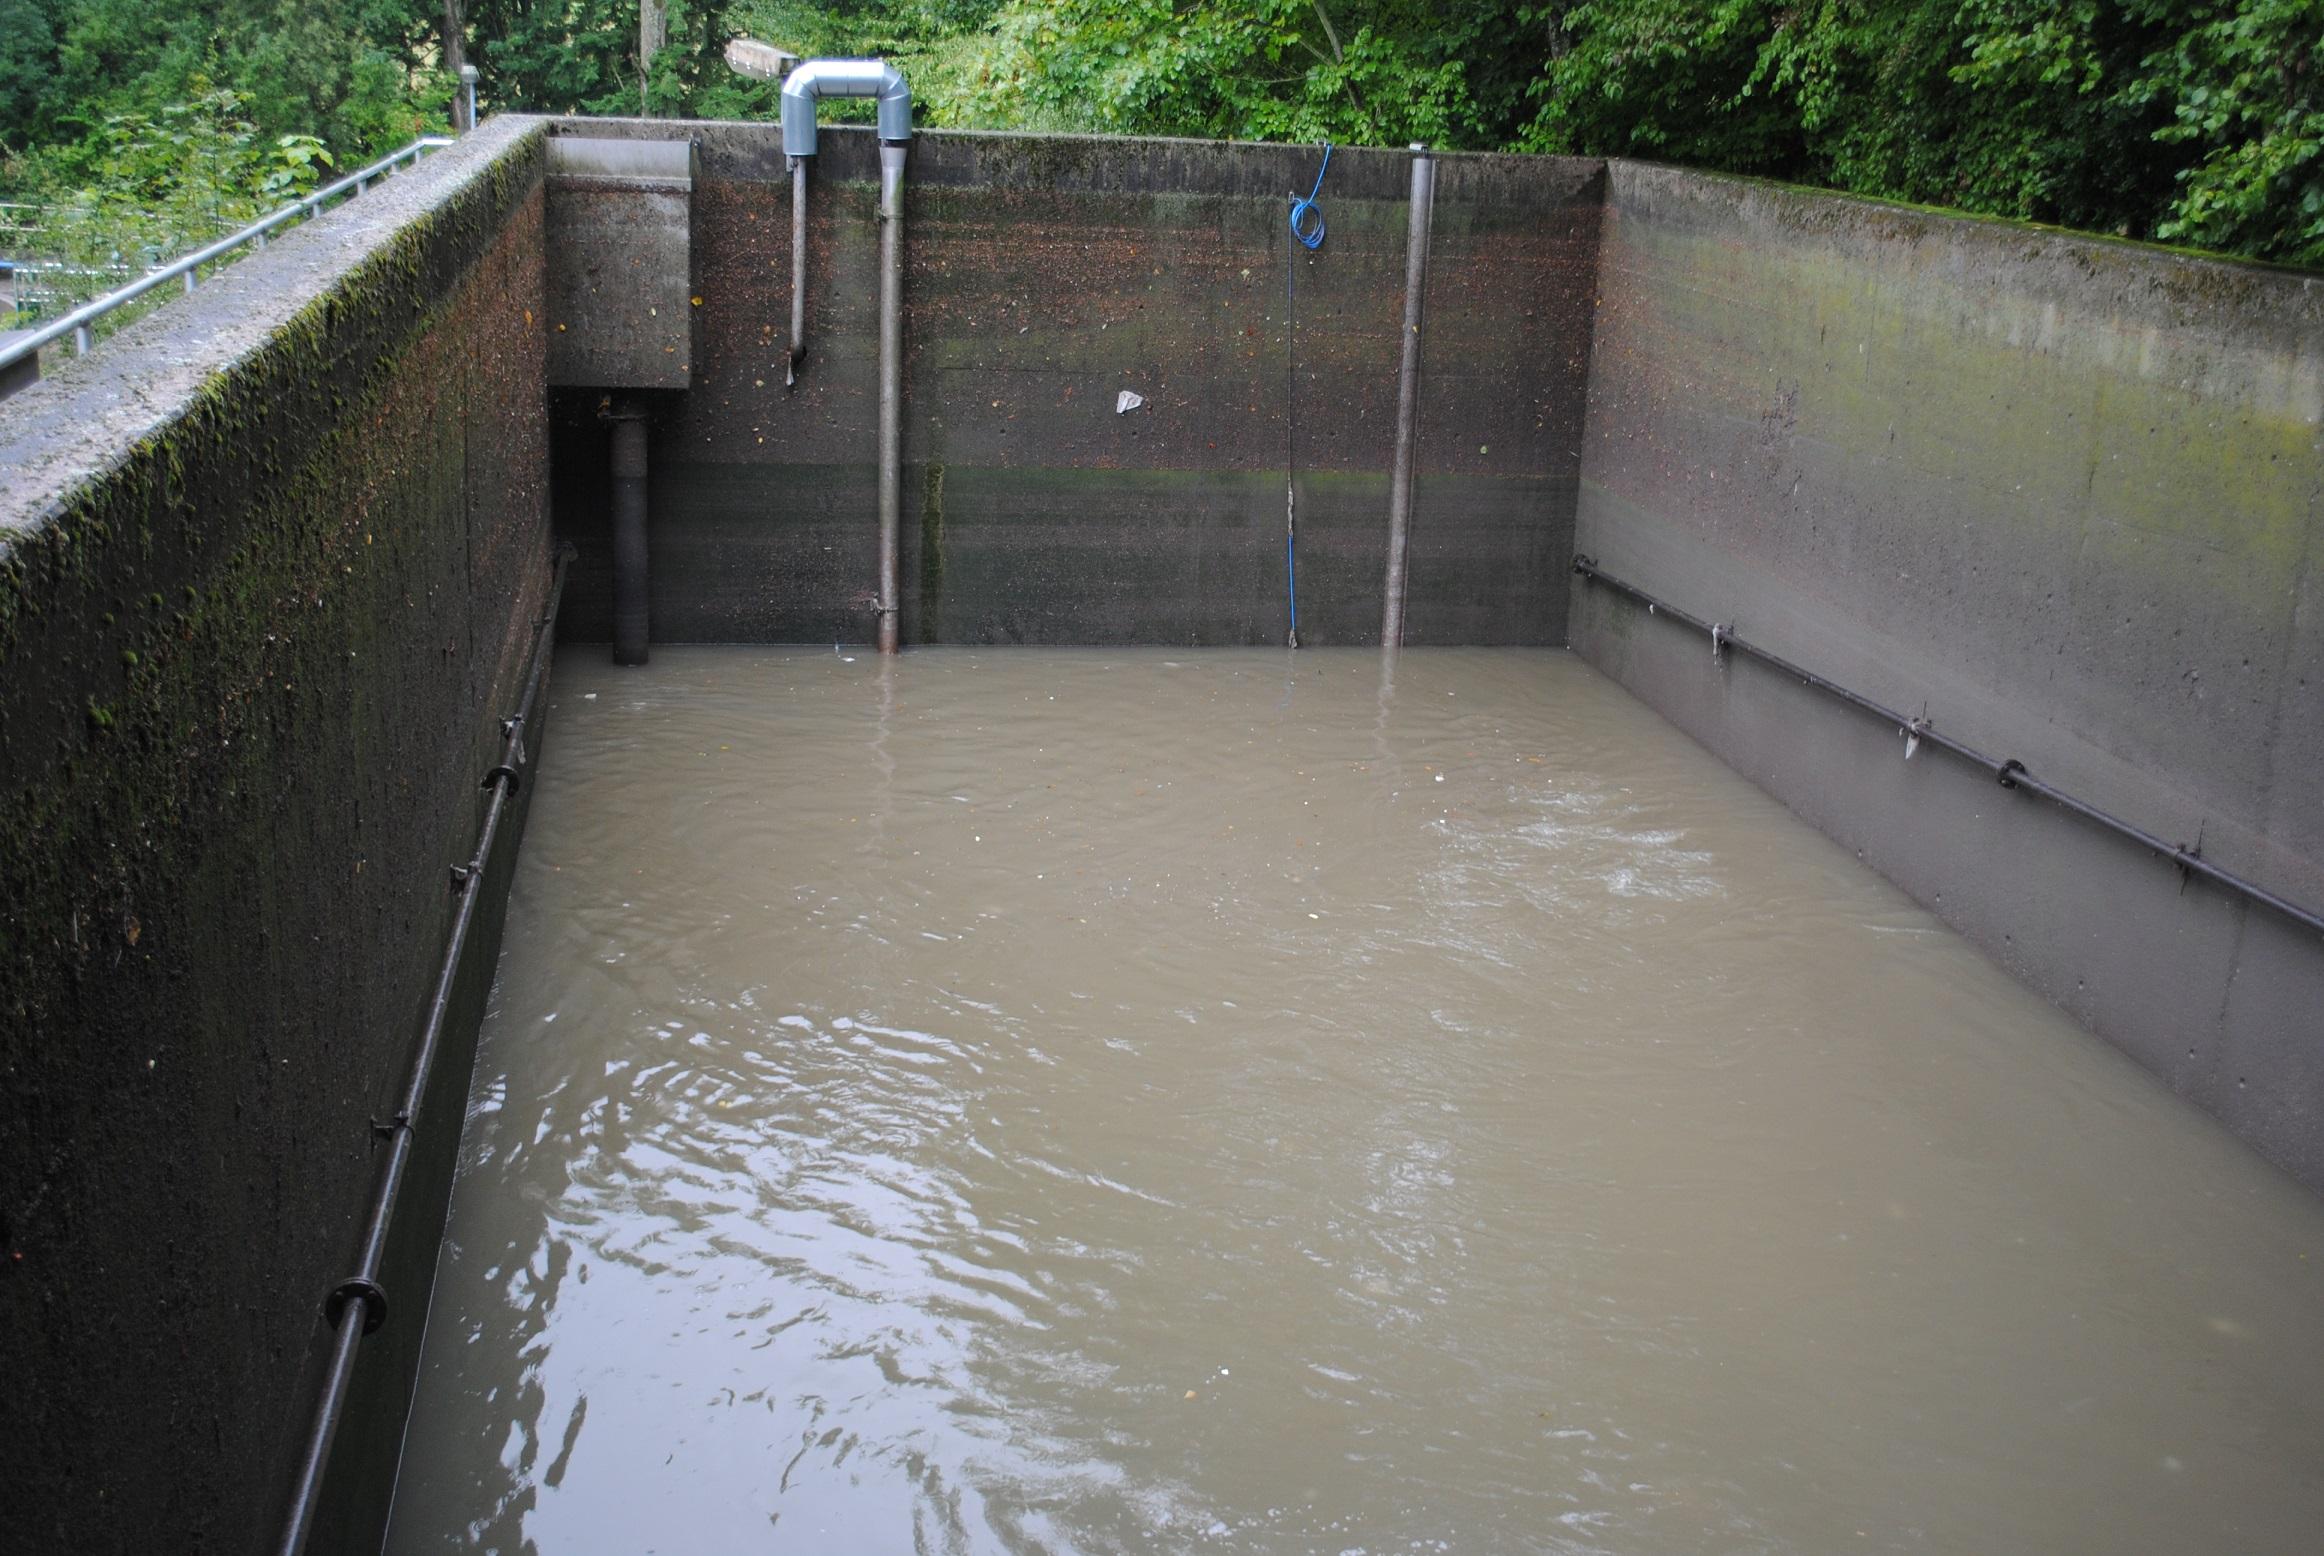 Bild 16: Regenüberlaufbecken in der ARA Ruppertshai